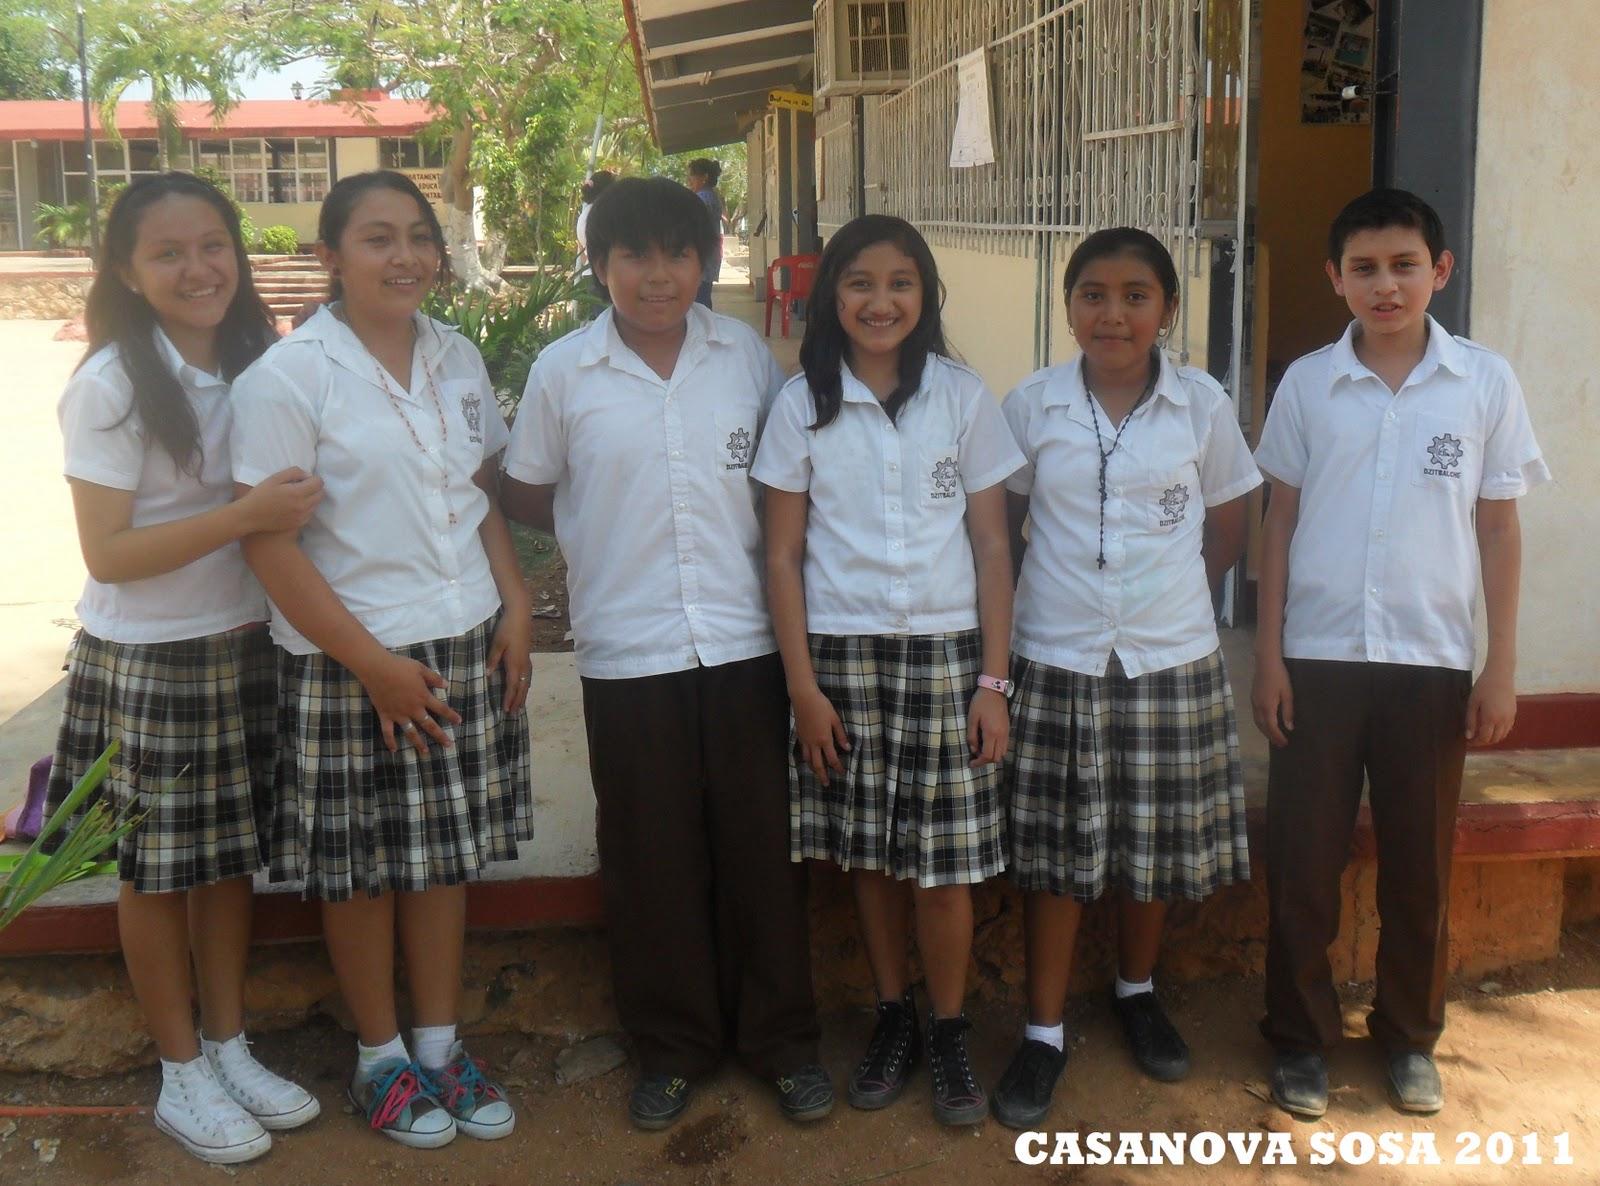 Estudiantes de la ermilo sandoval campos campeche